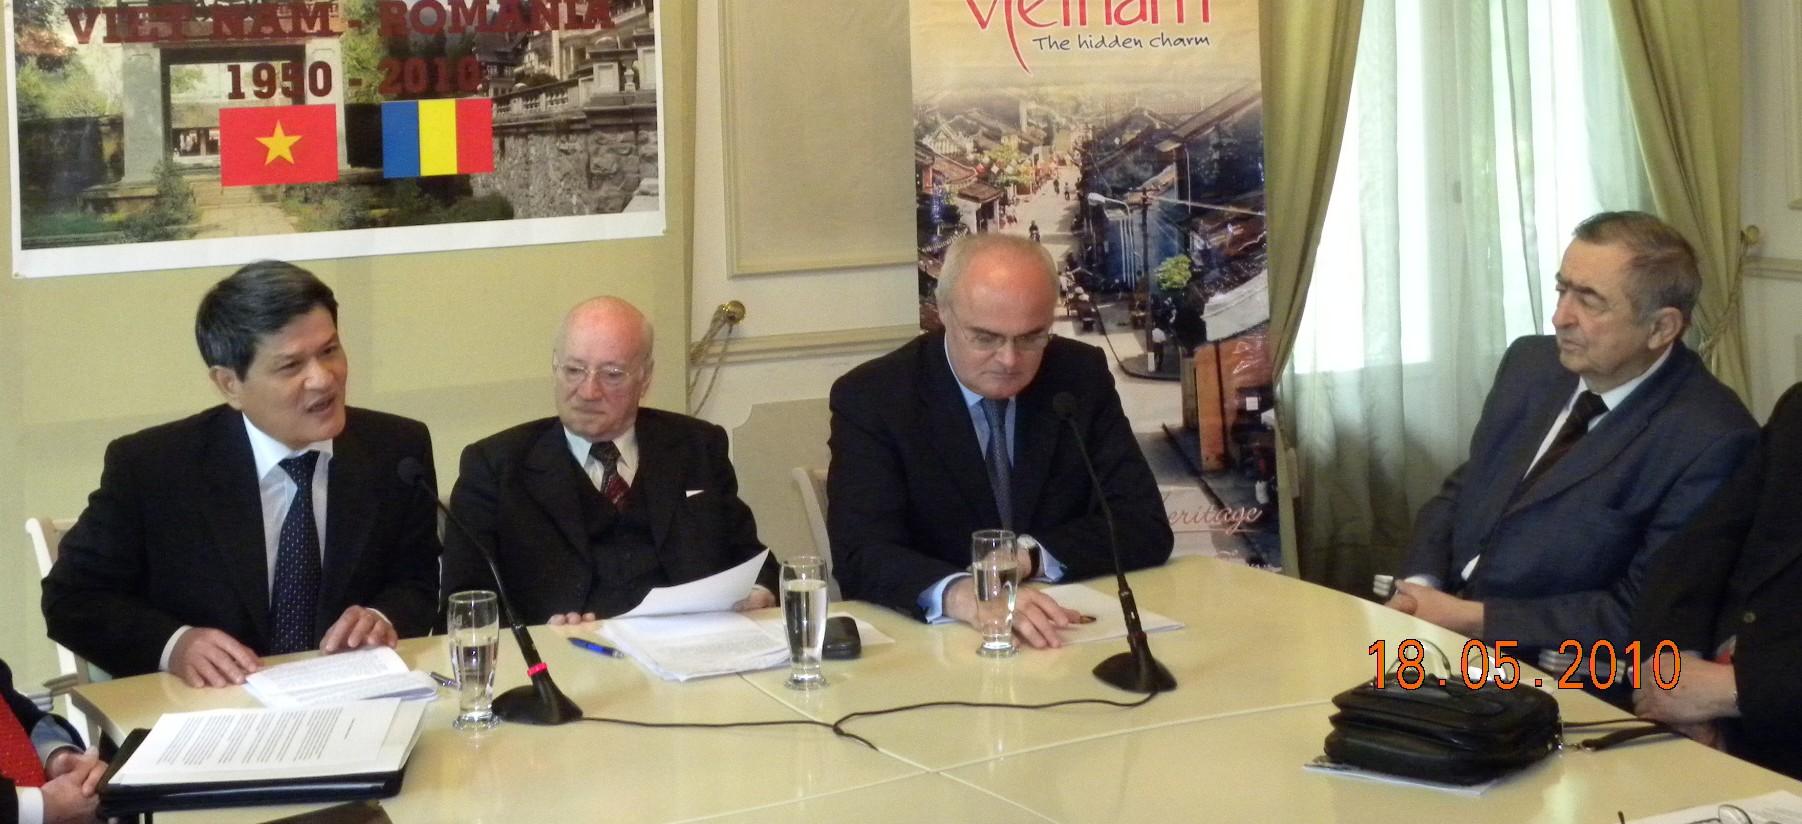 60 de ani de la stabilirea relaţiilor diplomatice dintre România şi Vietnam şi 55 de ani de la deschiderea de oficii diplomatice la Bucureşti şi Hanoi